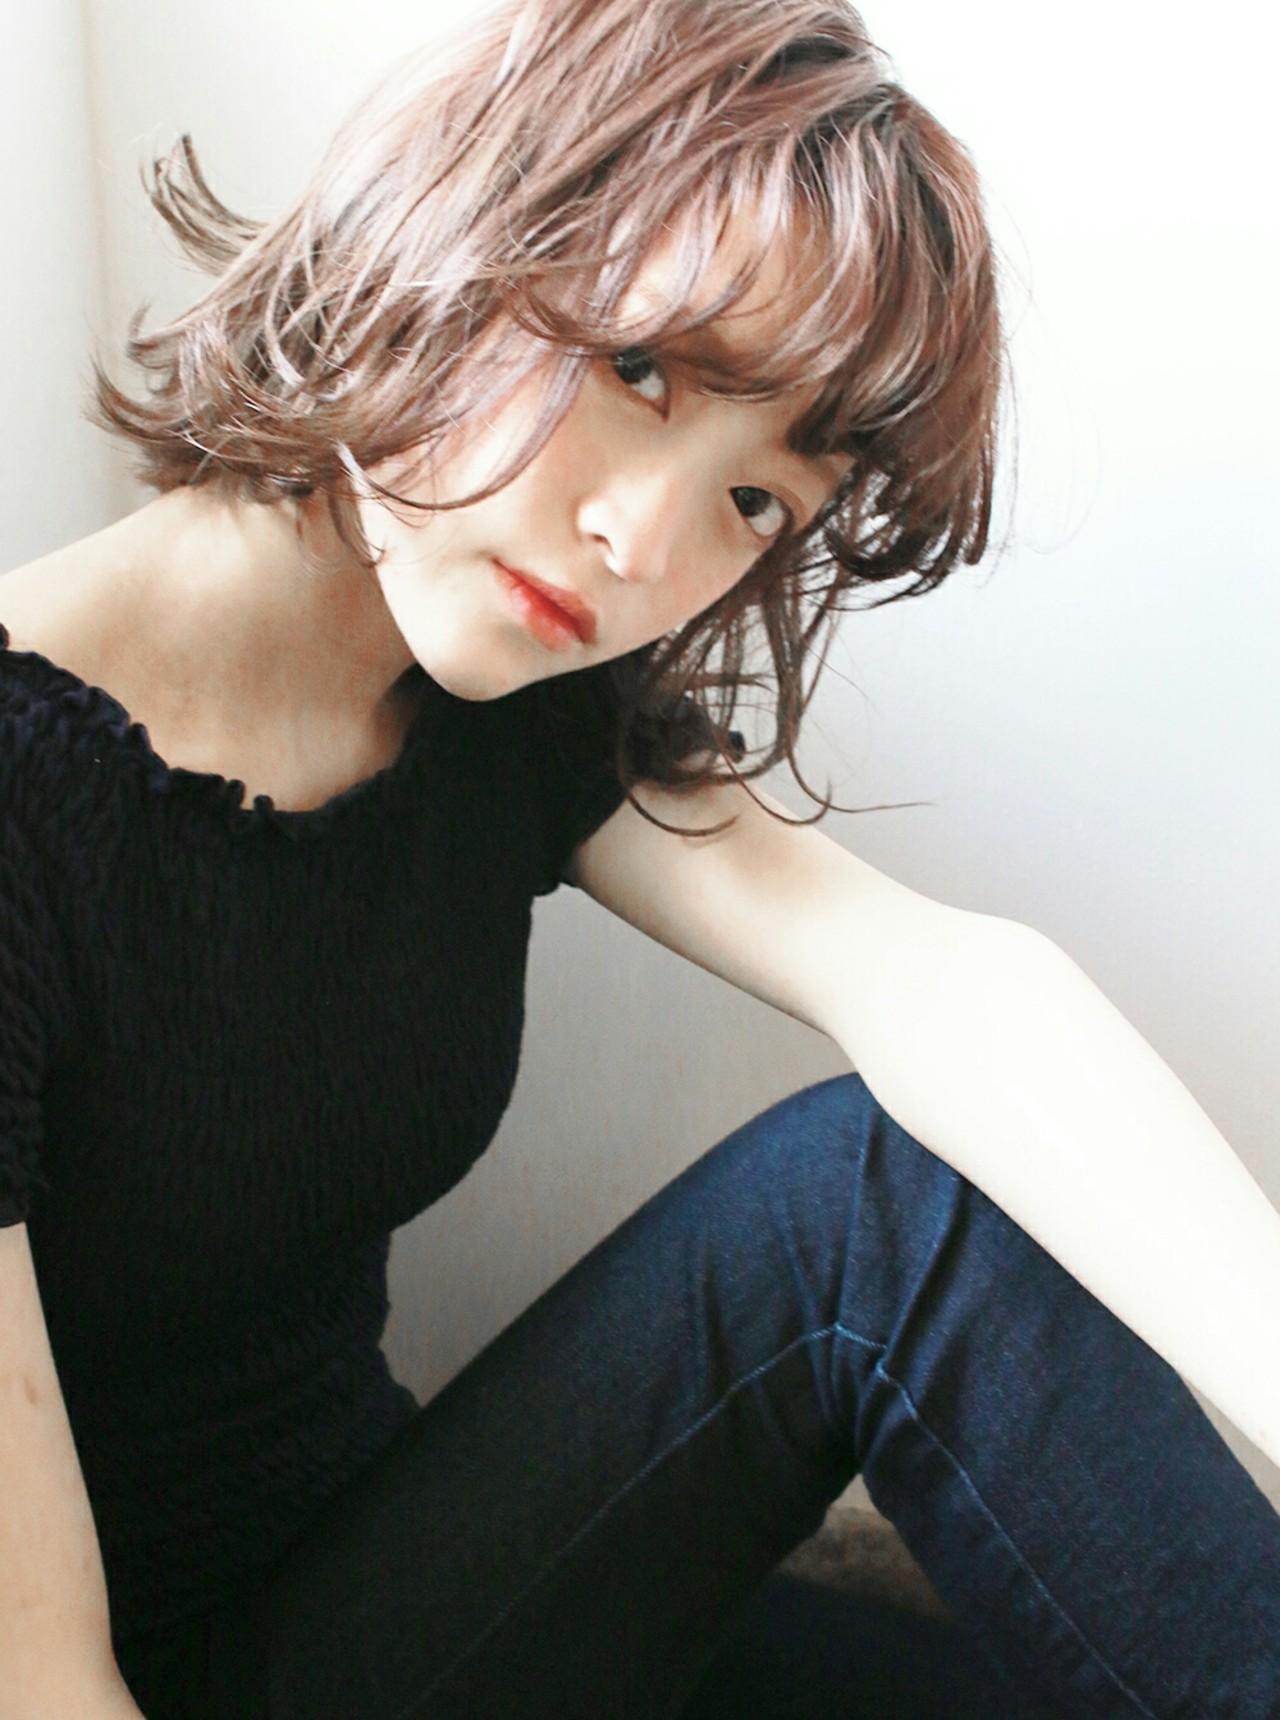 透け髪にキュンッ♡前髪だけじゃない、シースルーボブが今キテル理由。 安達瑛 / Ravo hair